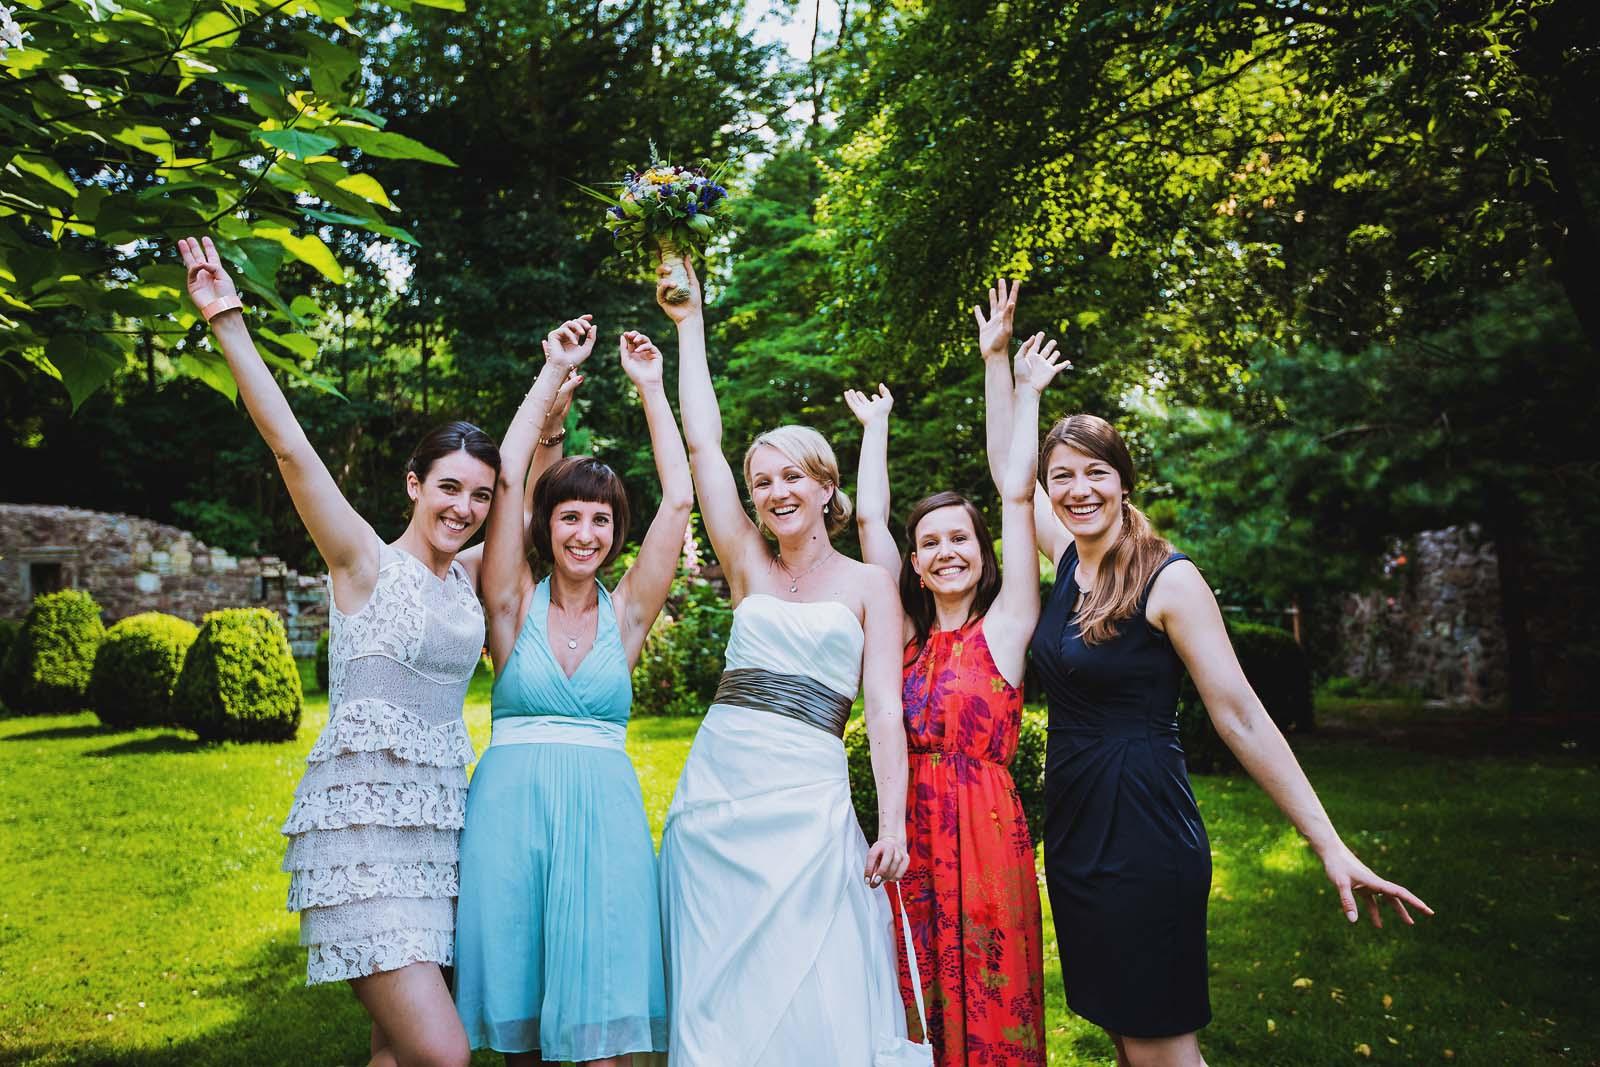 Hochzeitsfotograf stellt Braut mit Jungfern zum Gruppenfoto Copyright by Hochzeitsfotograf www.berliner-hochzeitsfotografie.de